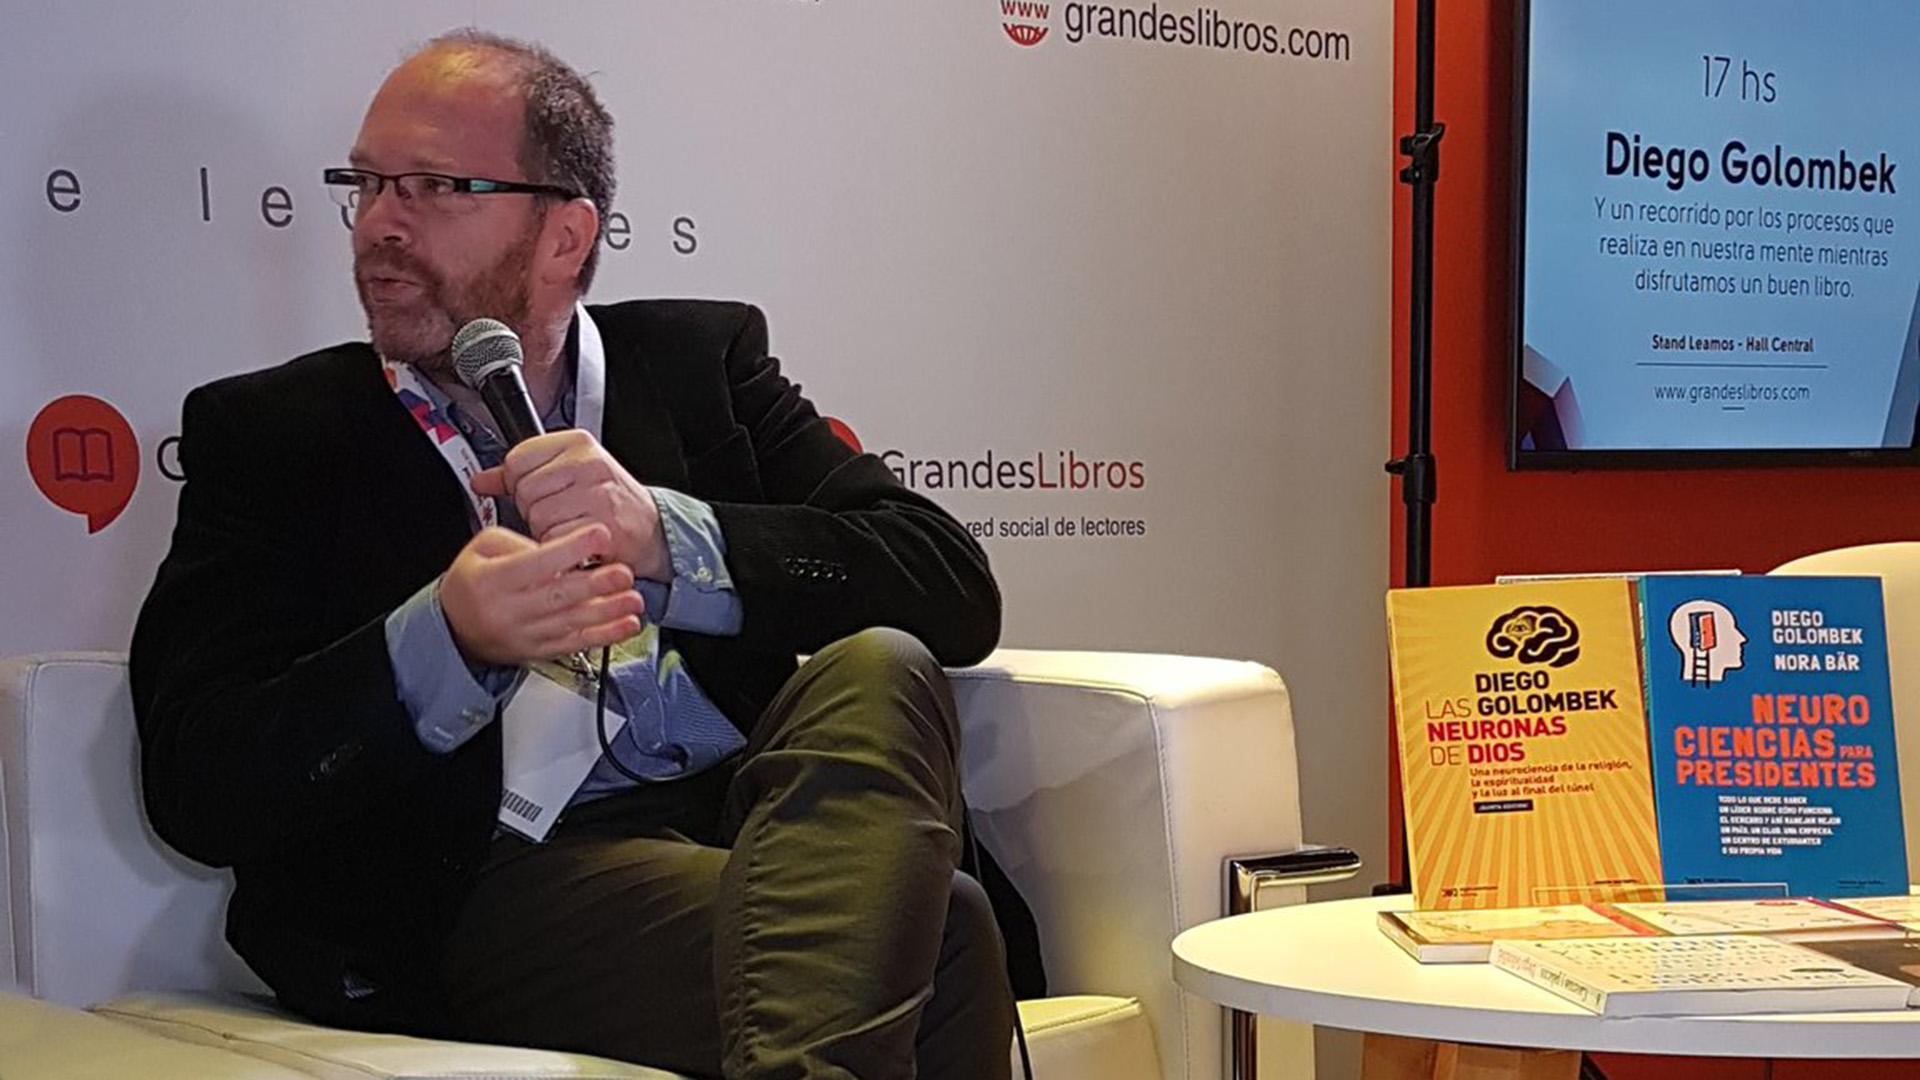 Diego Golombek, el año pasado en el stand de Grandes Libros